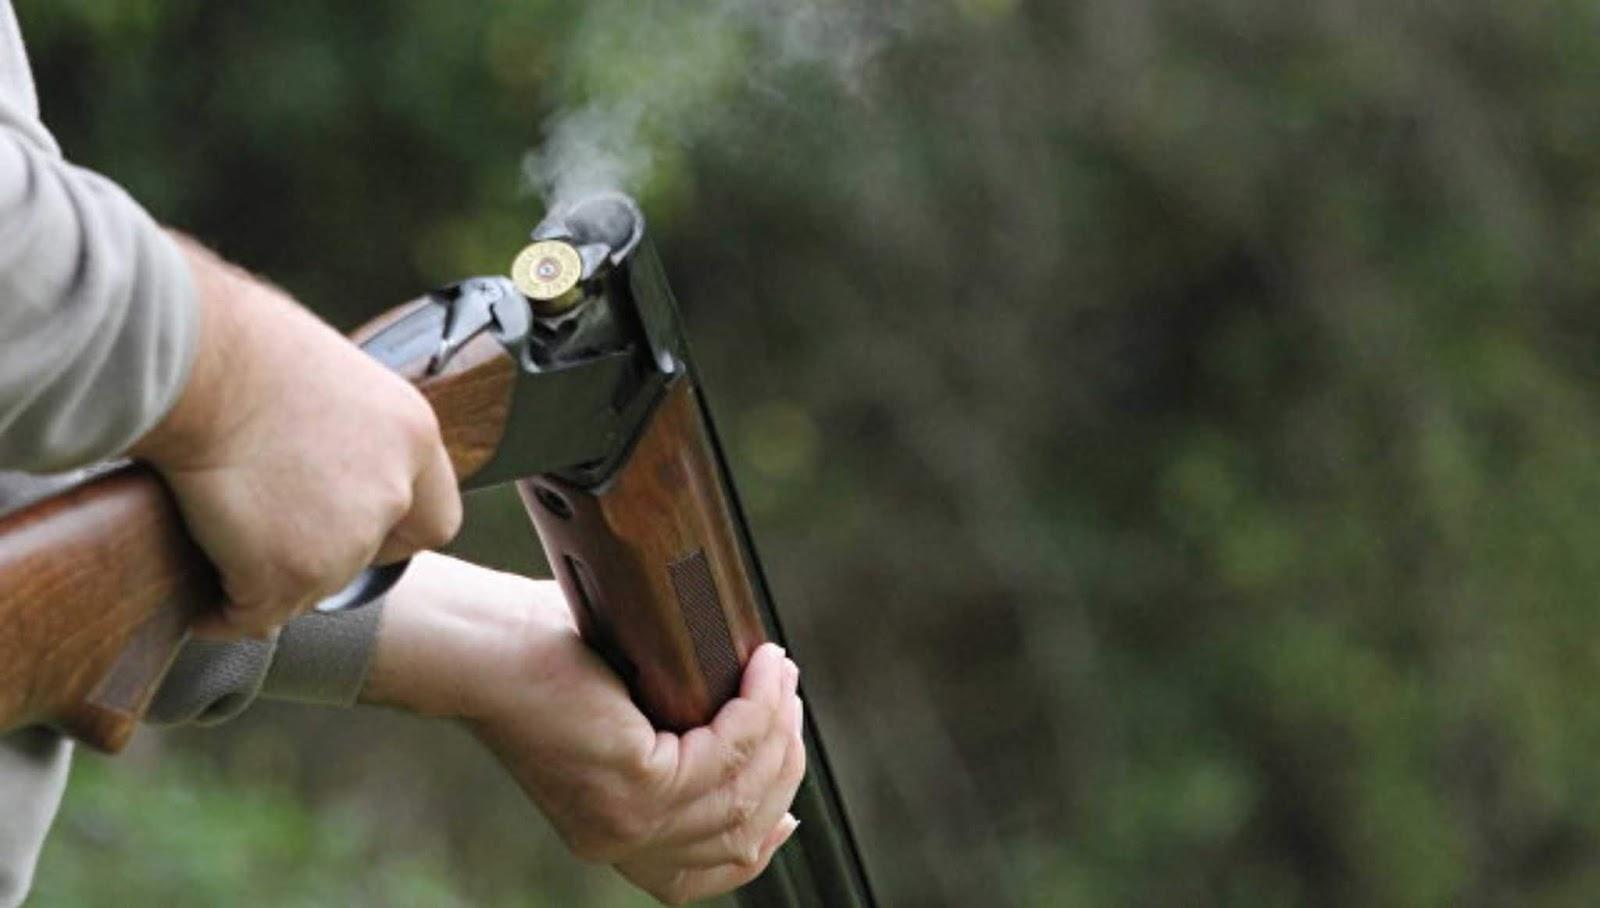 Di kira rusa seorang pemburu menembak seorang pria